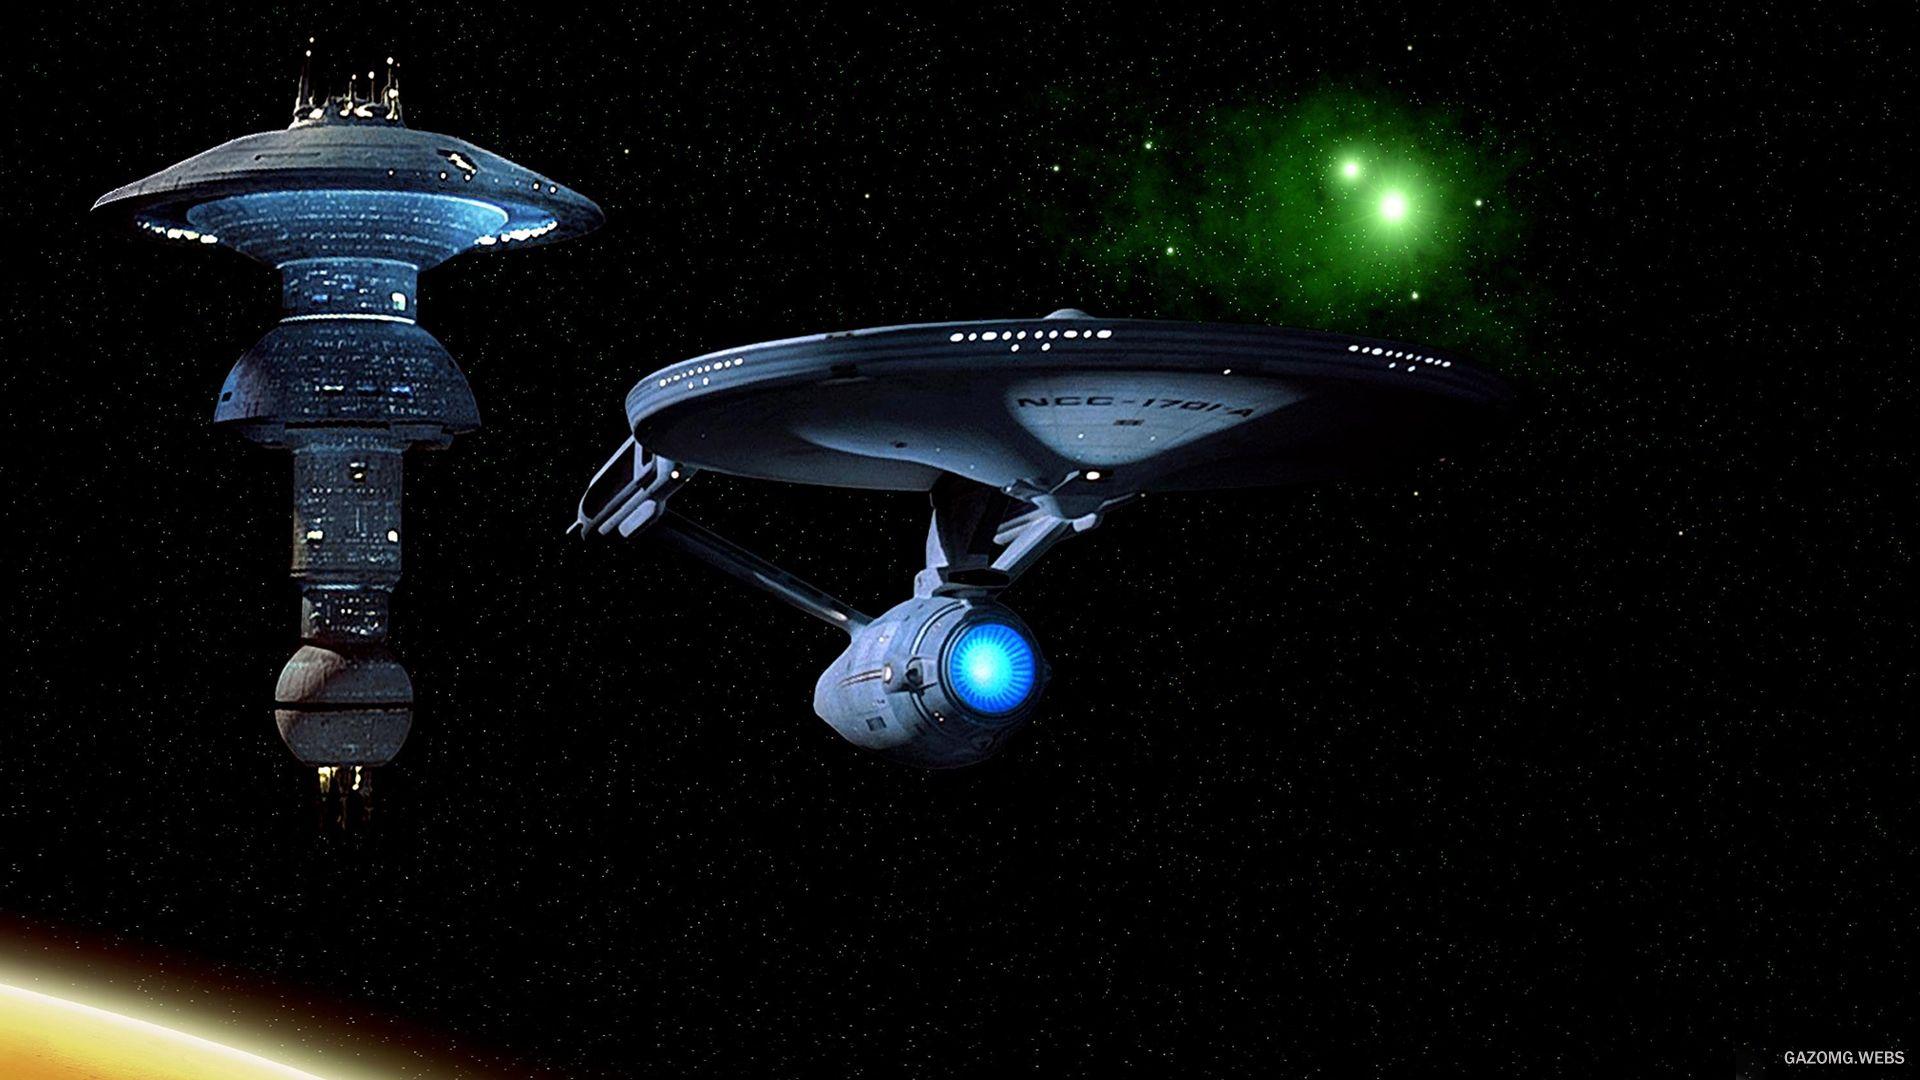 Uss Enterprise Ncc 1701 Wallpaper Star Trek Wallpaper Star Trek